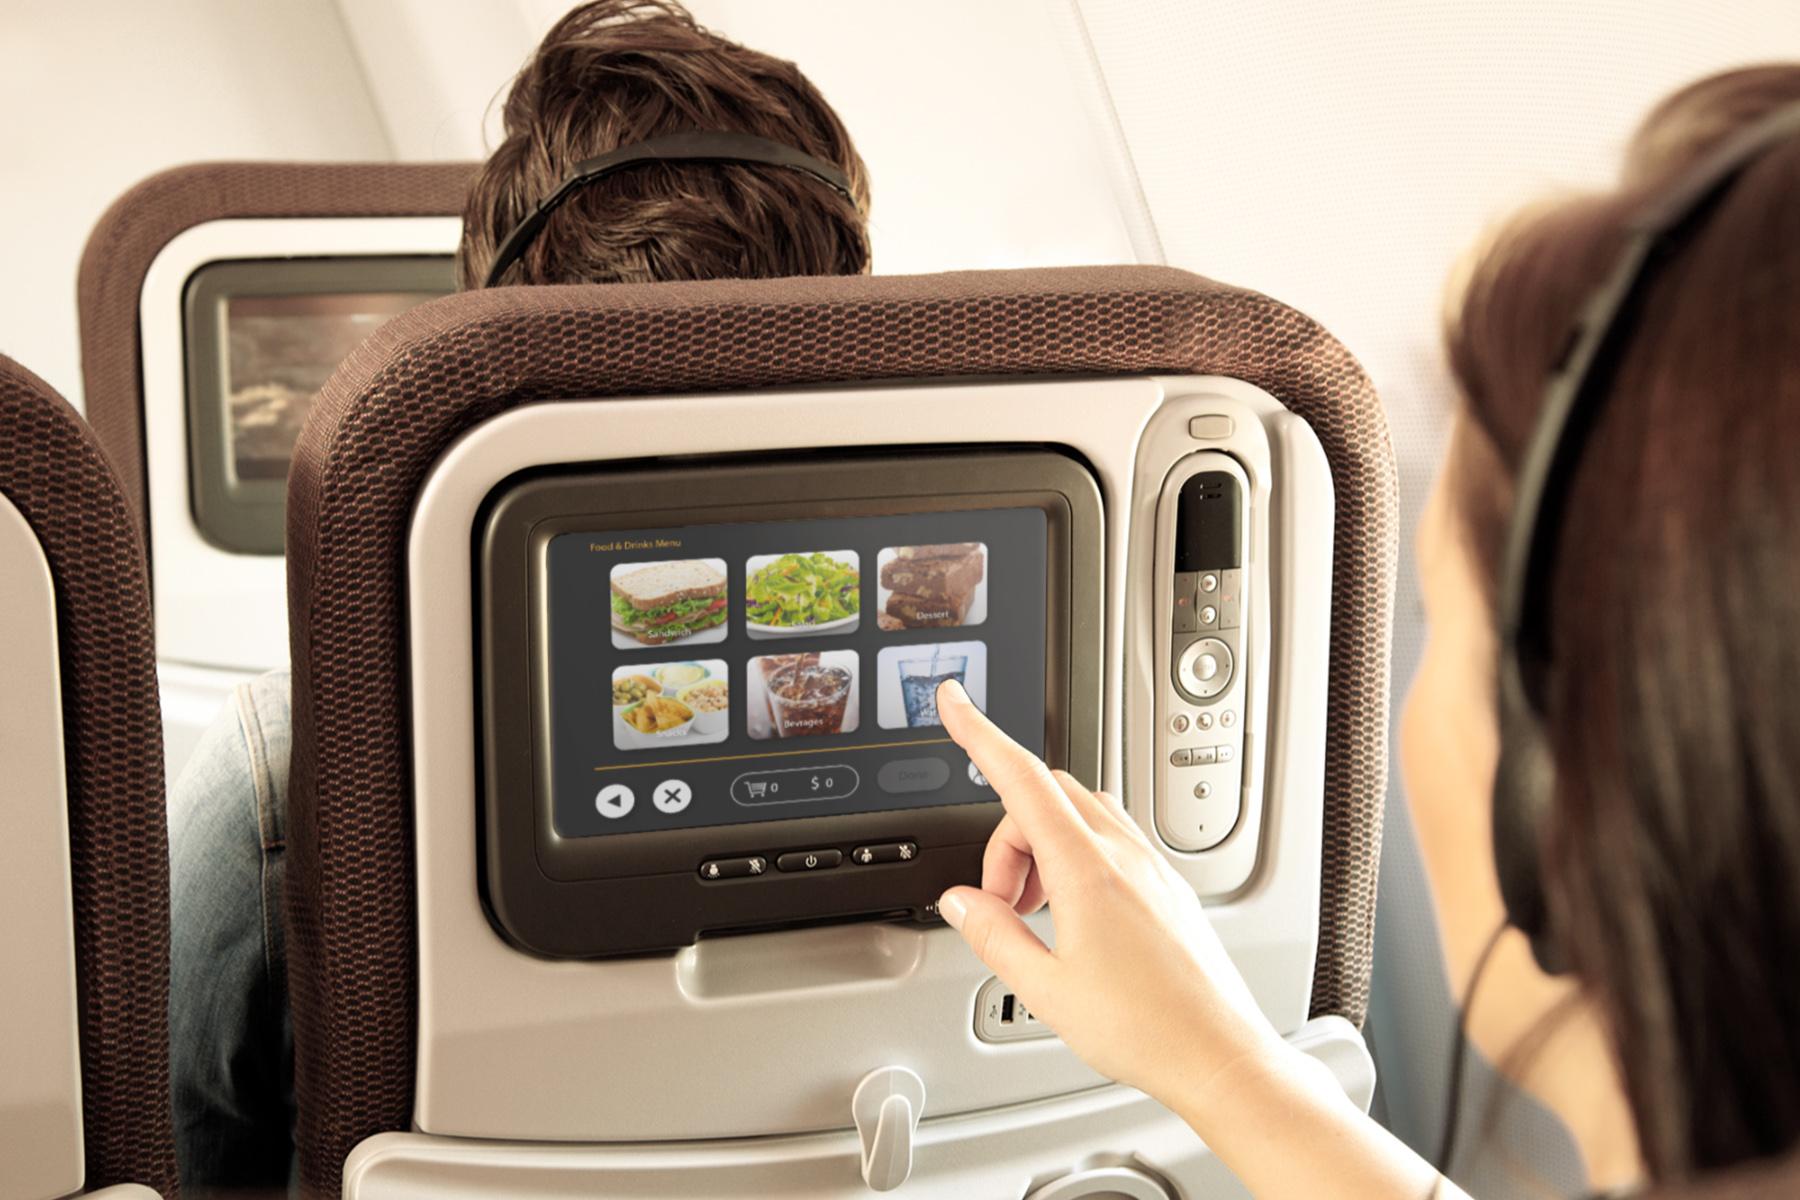 Random Airlines - Ordering food in-flight